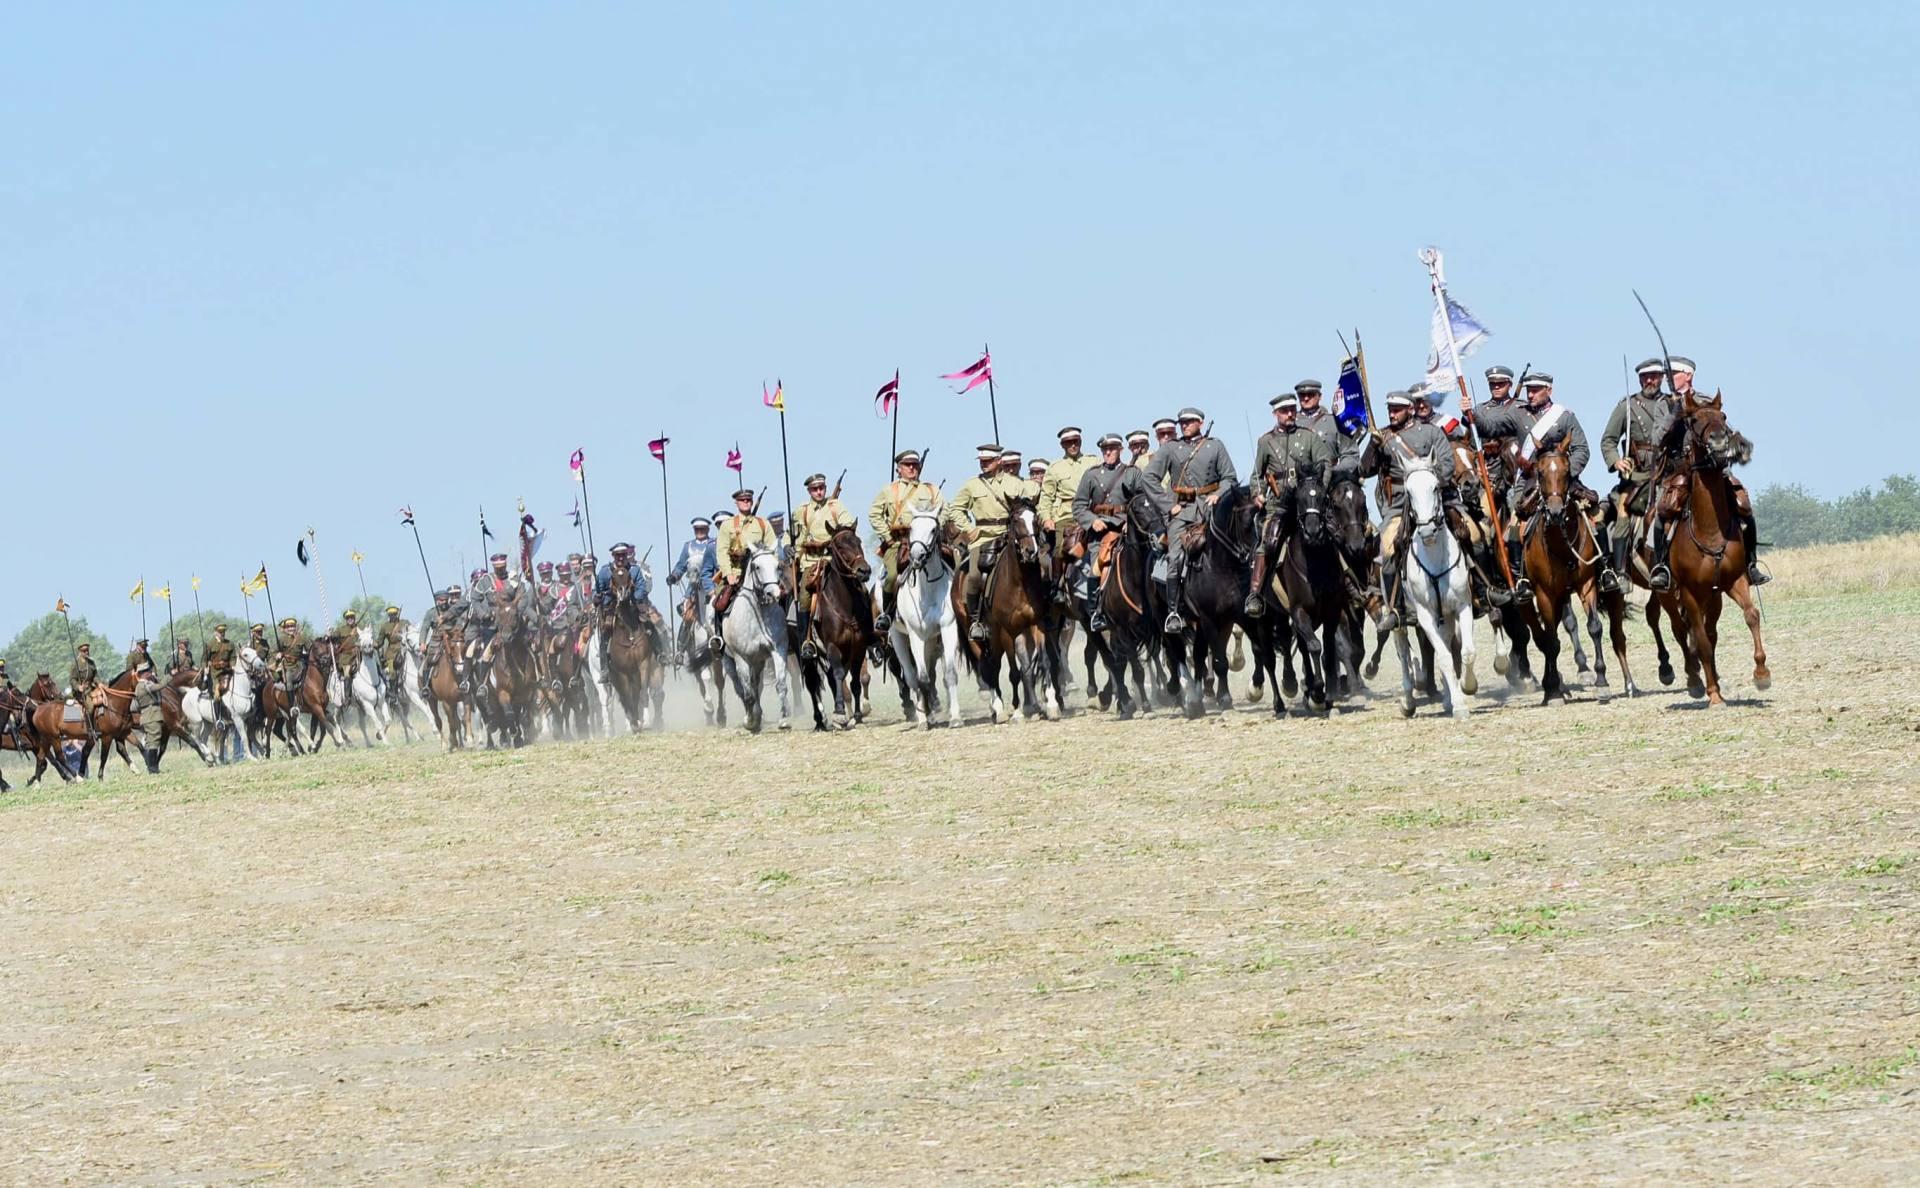 dsc 0631 Czas szabli - 100 rocznica bitwy pod Komarowem(zdjęcia)